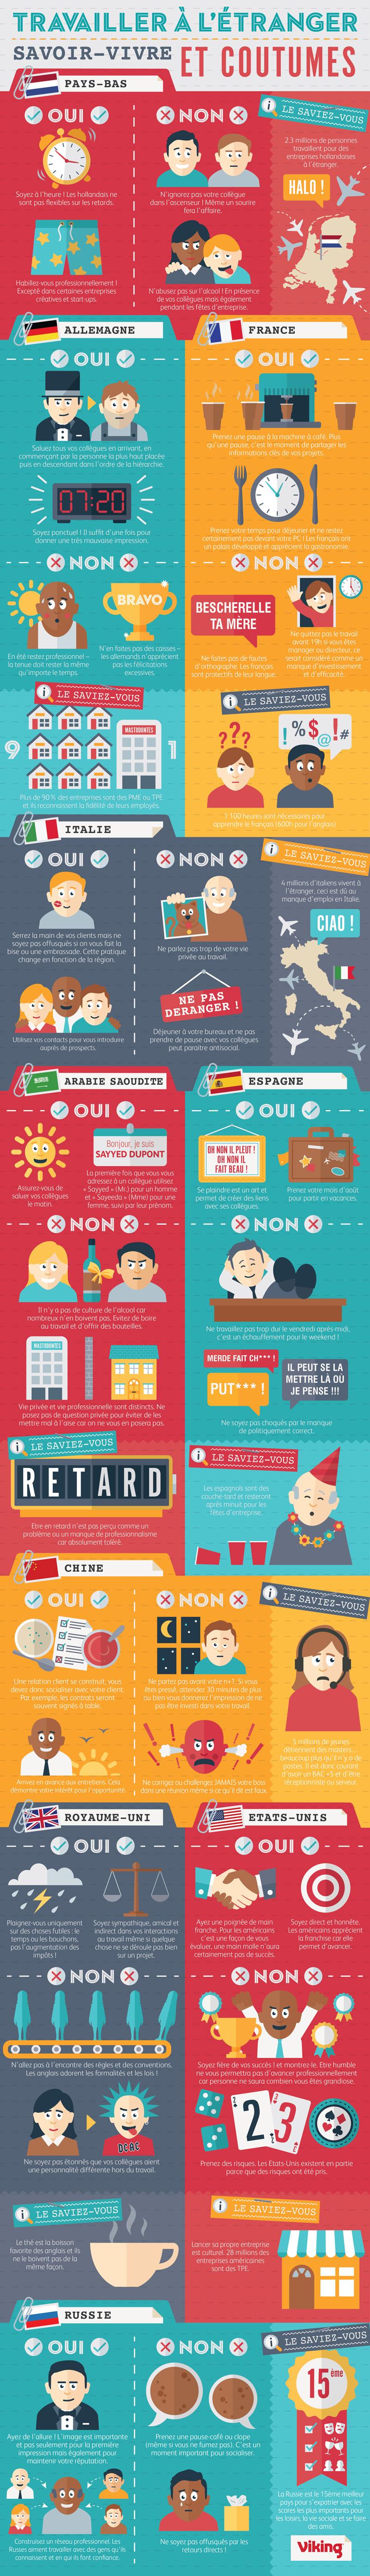 Infographie sur les us et coutumes lorsqu'on travaille à l'étranger